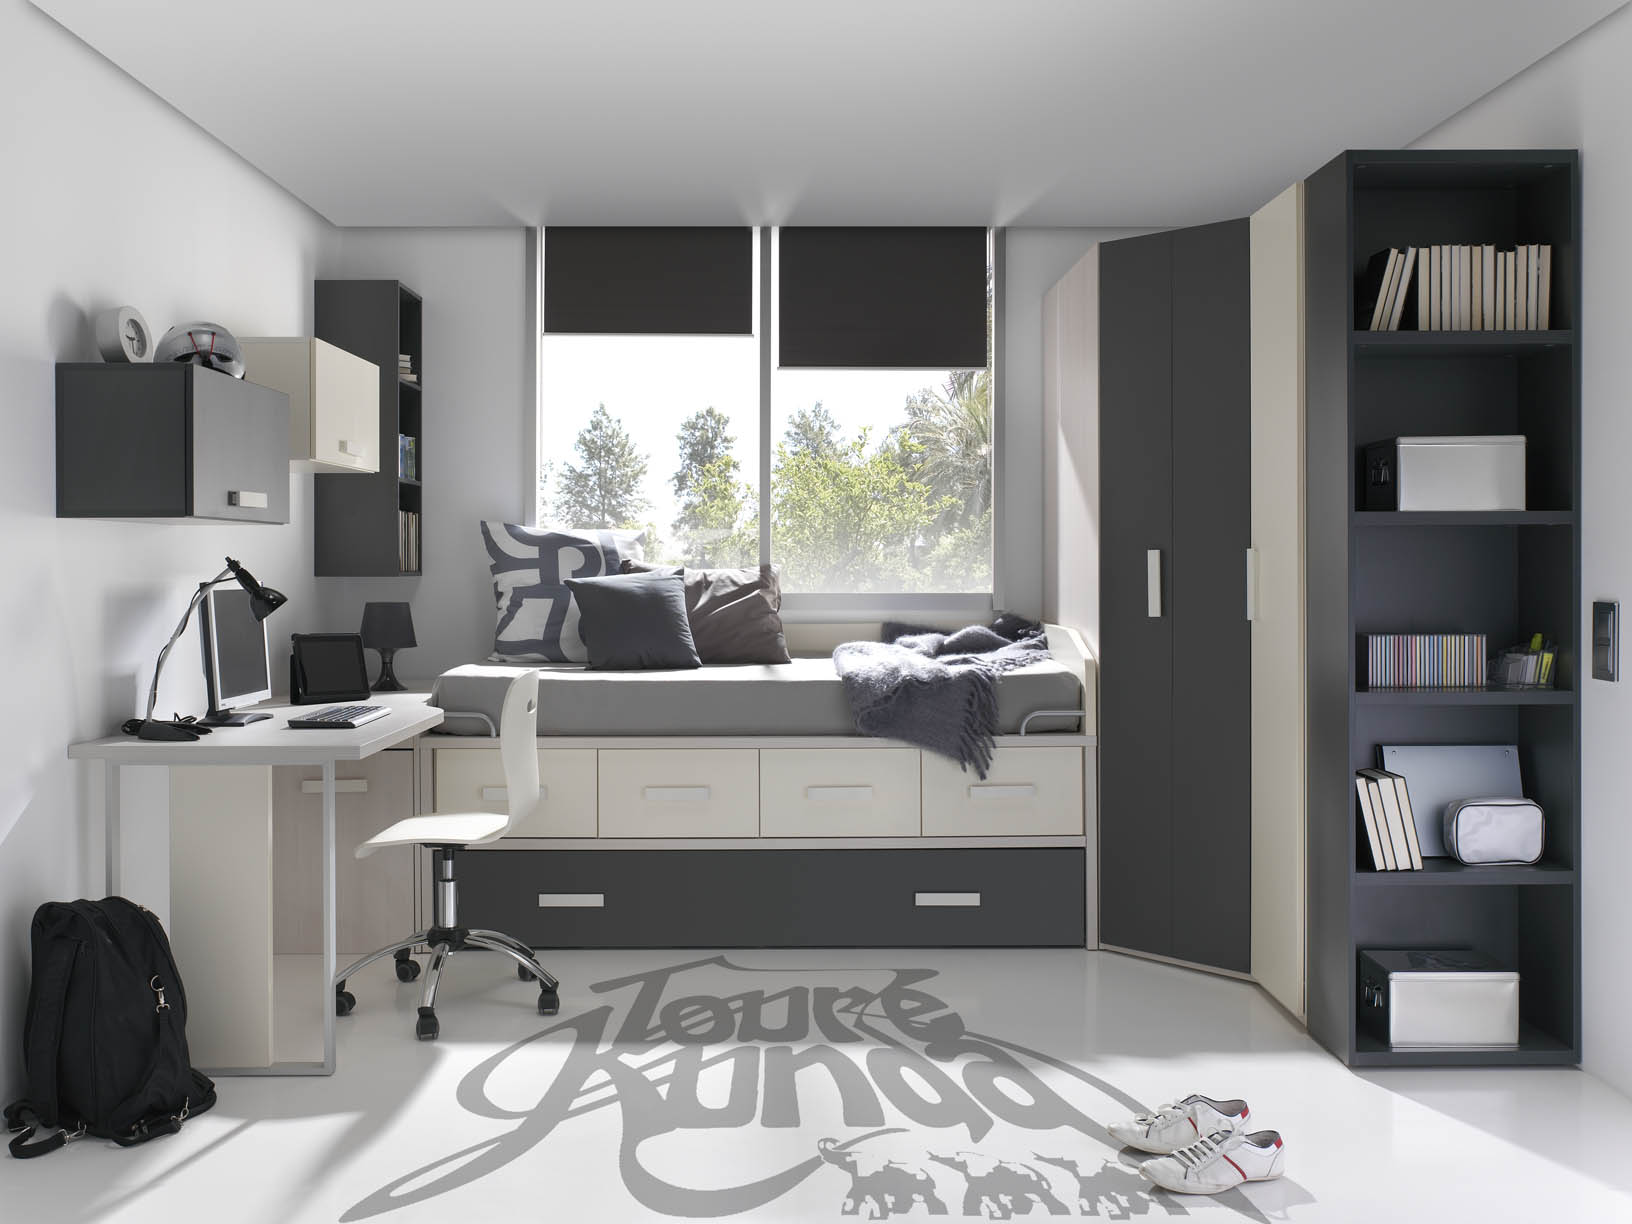 Ambientes juveniles muebles orts blog - Blogs de decoracion moderna ...